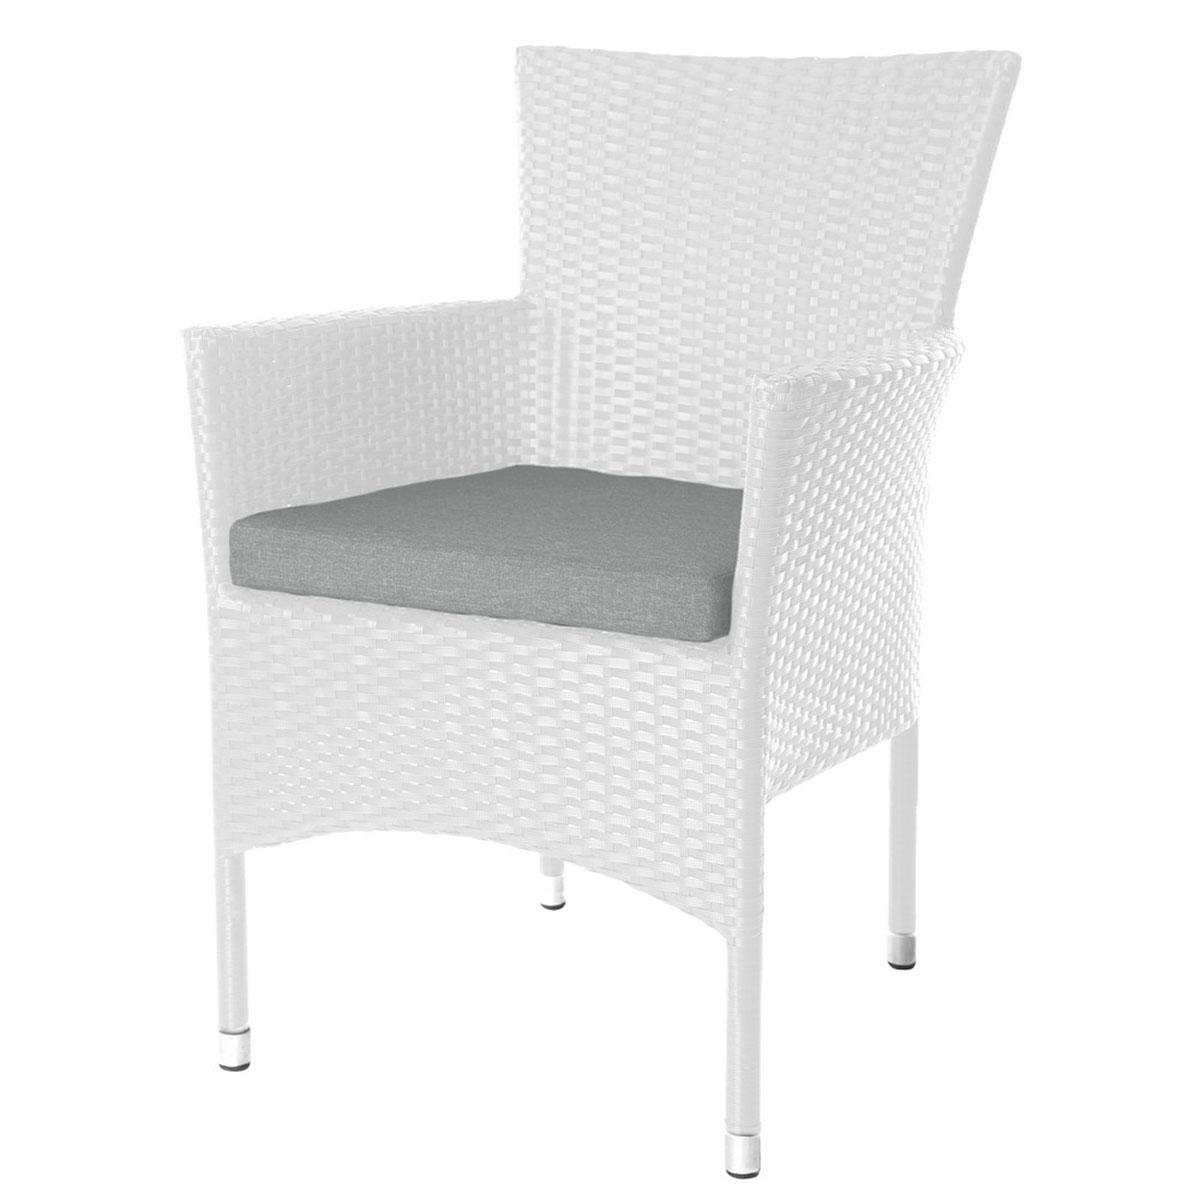 Lot de 2 fauteuils empilables en rotin taupe - Blanc - 55.00 cm x 66.00 cm x 87.00 cm